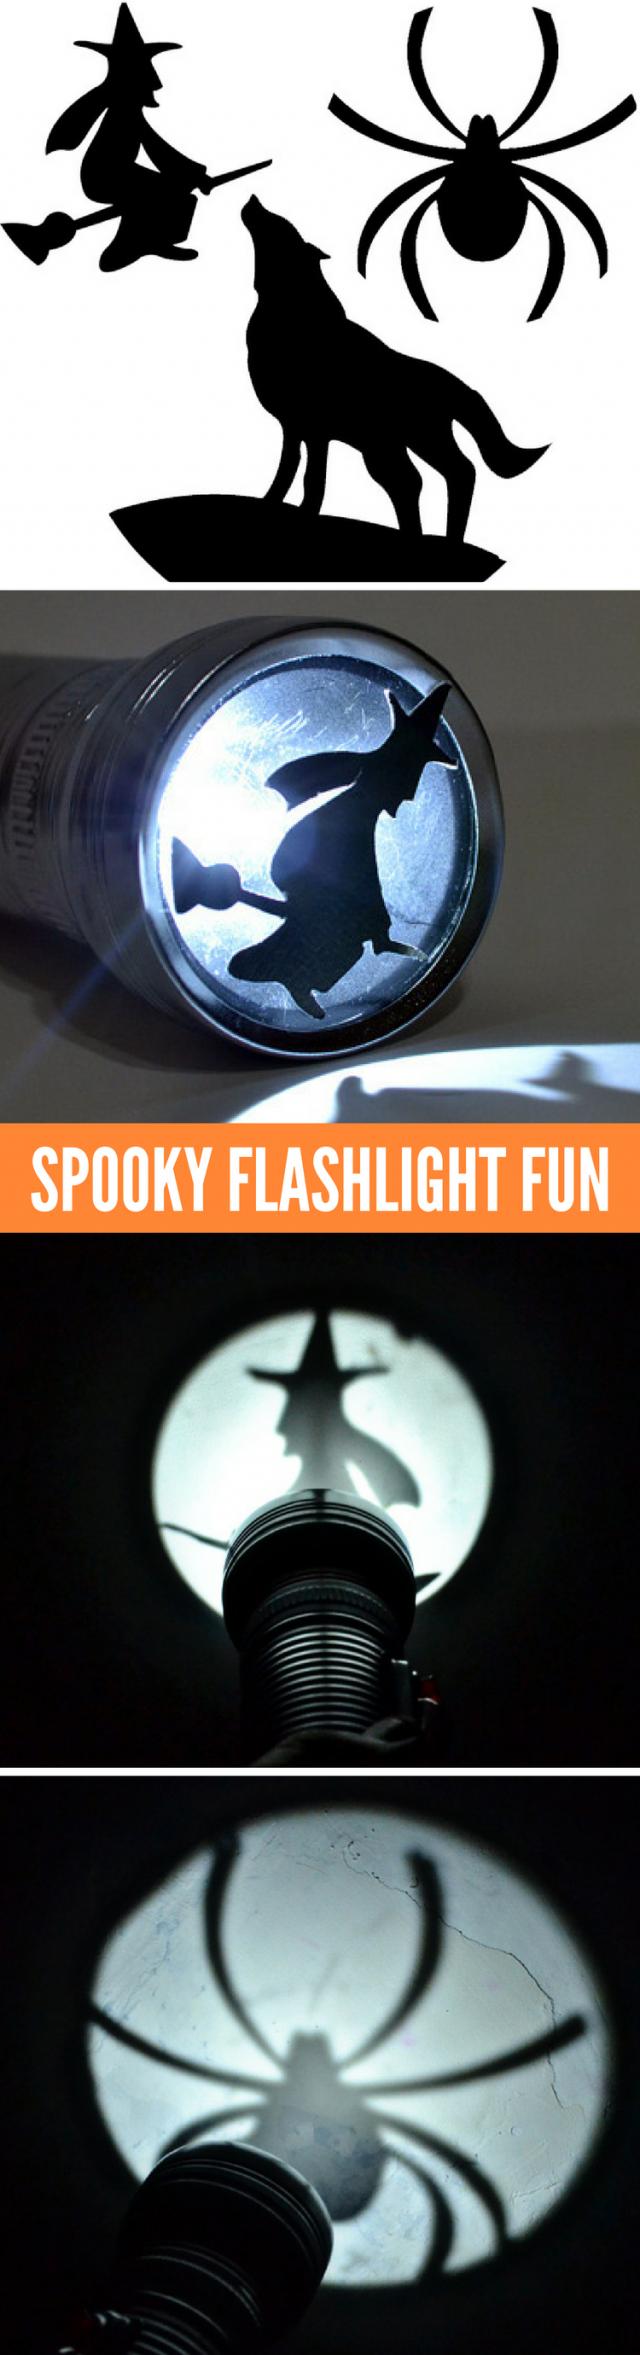 Halloween Shadow Art Flashlight Fun!